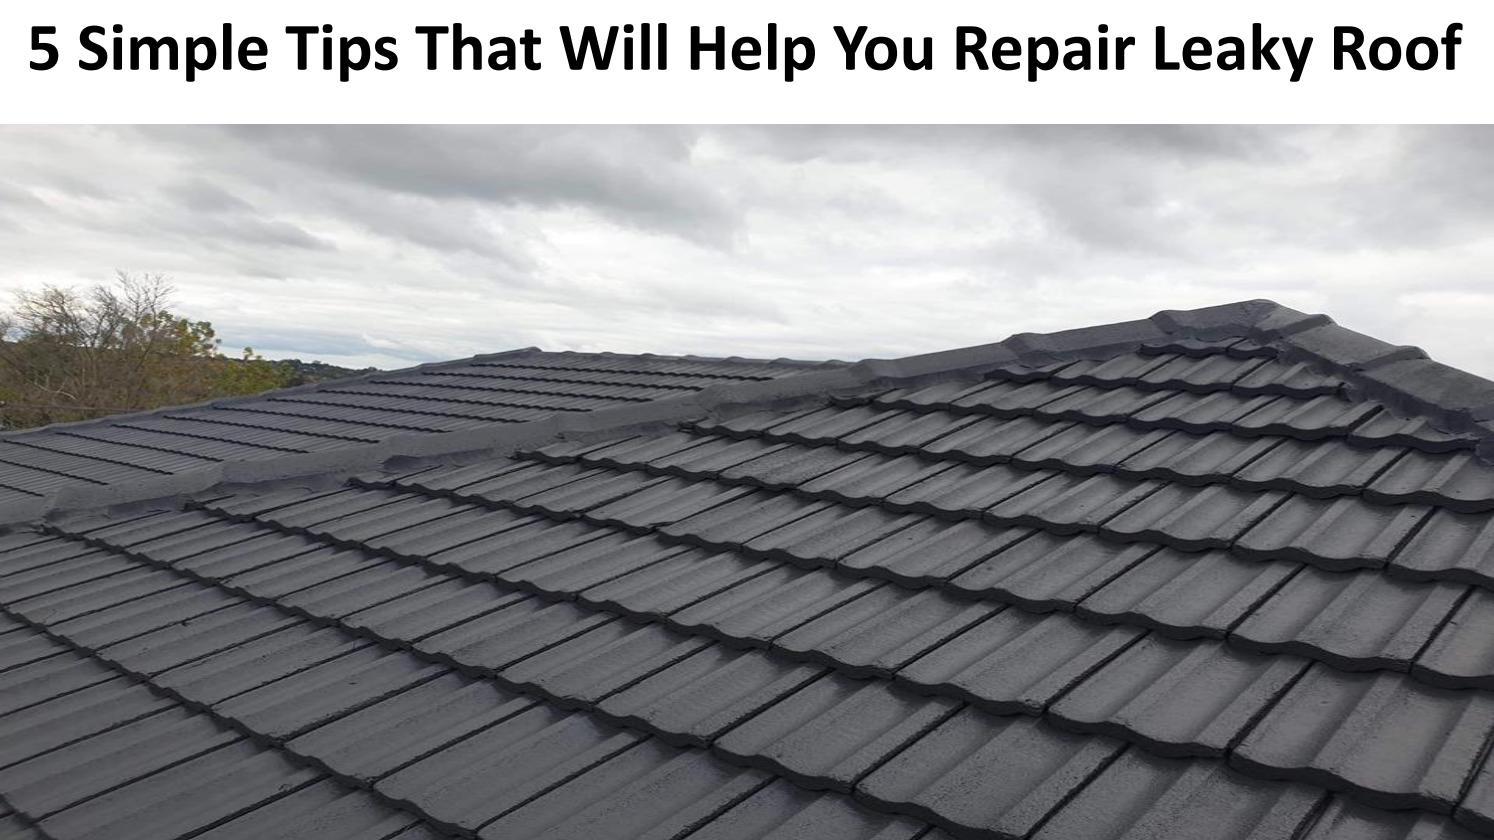 Repair Leaky Roof